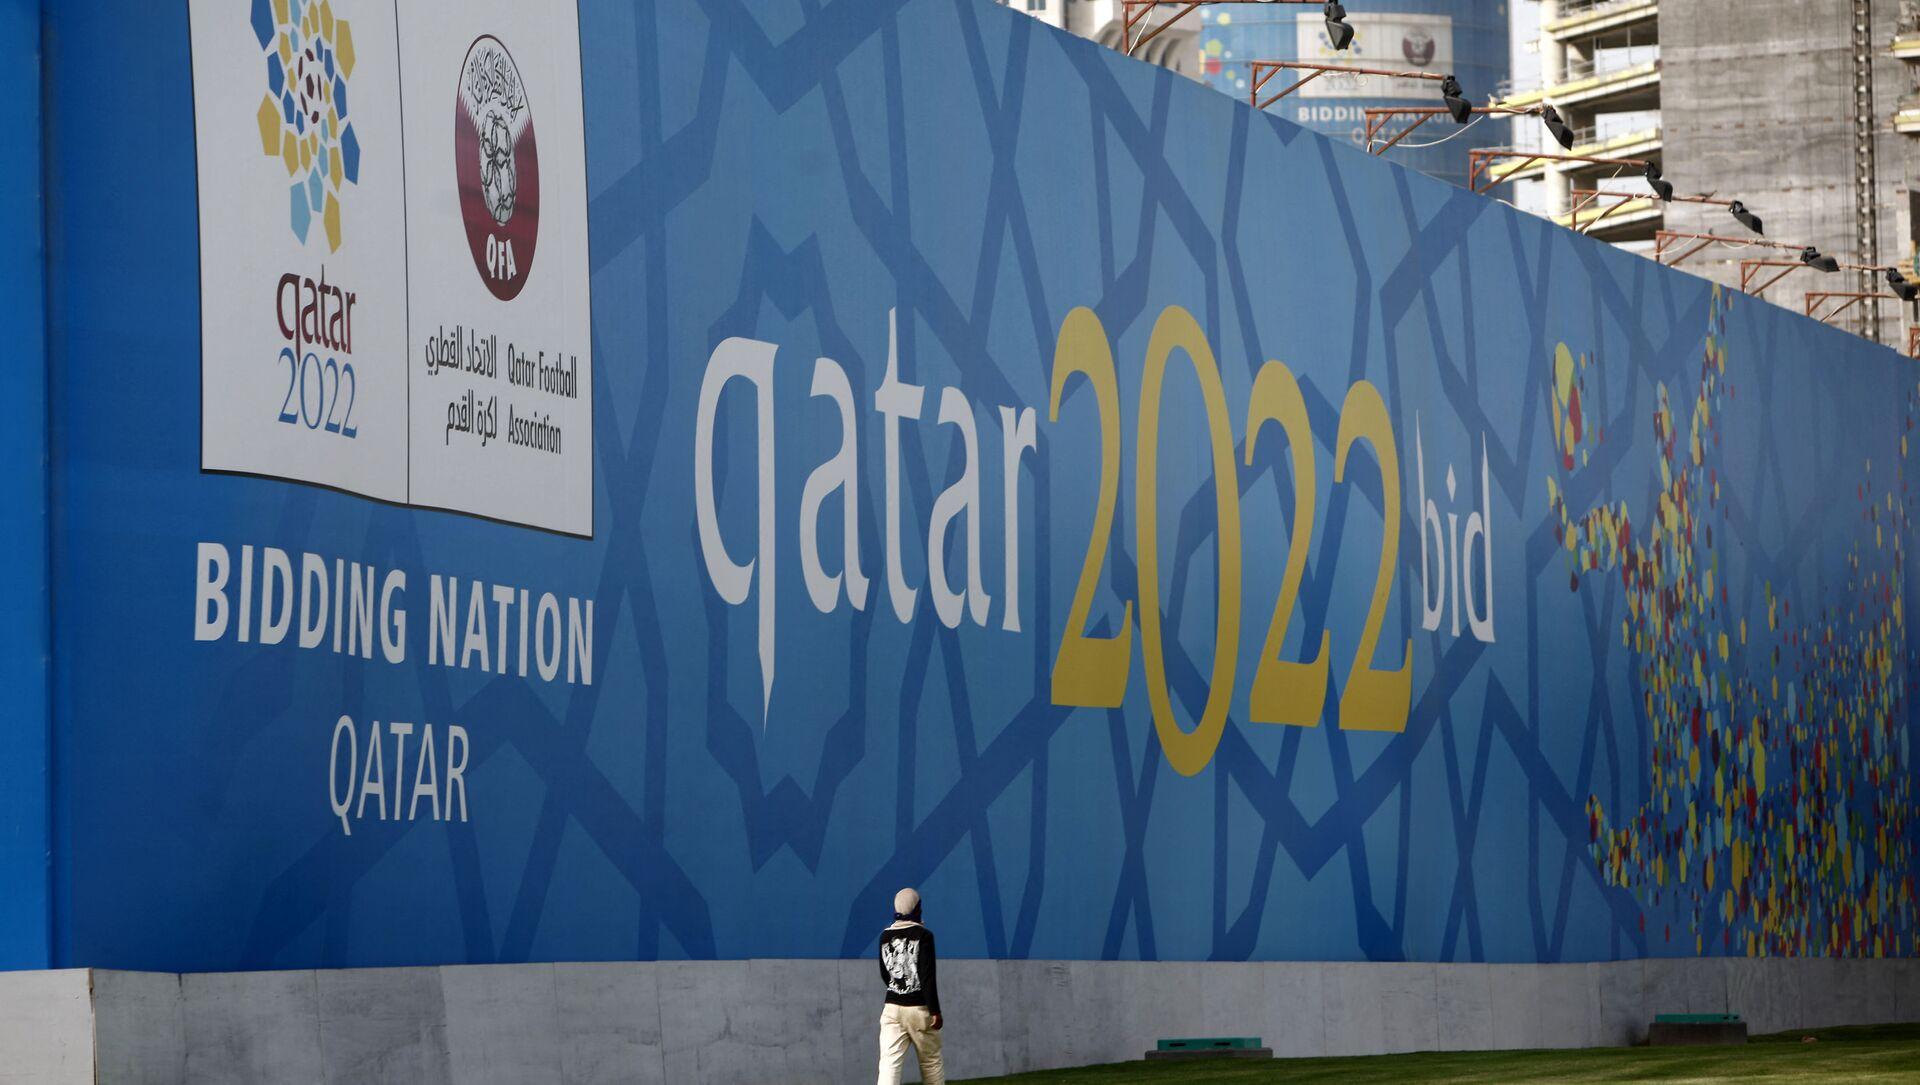 Quảng cáo trên đường bờ biển Doha về Giải vô địch bóng đá thế giới tại Qatar 2022. - Sputnik Việt Nam, 1920, 20.09.2021